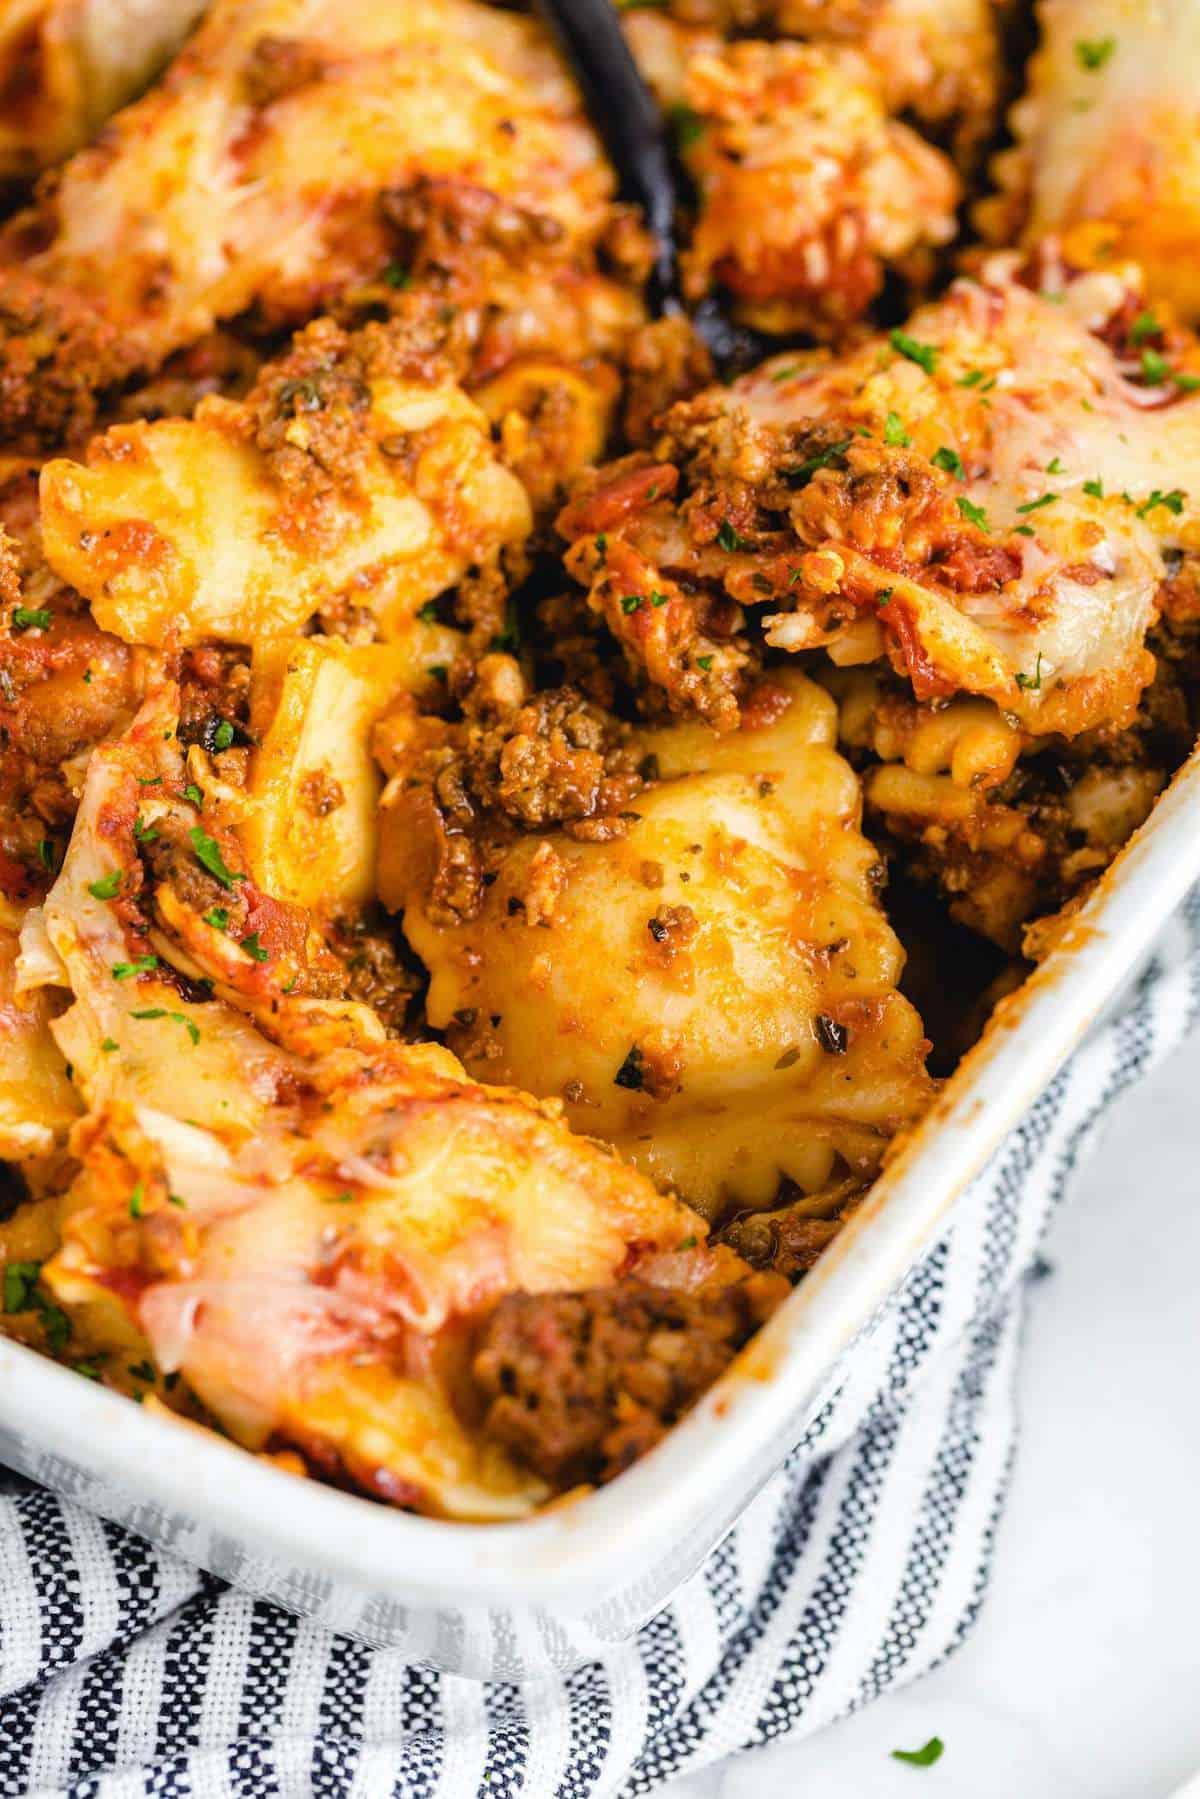 ravioli lasagna hero image